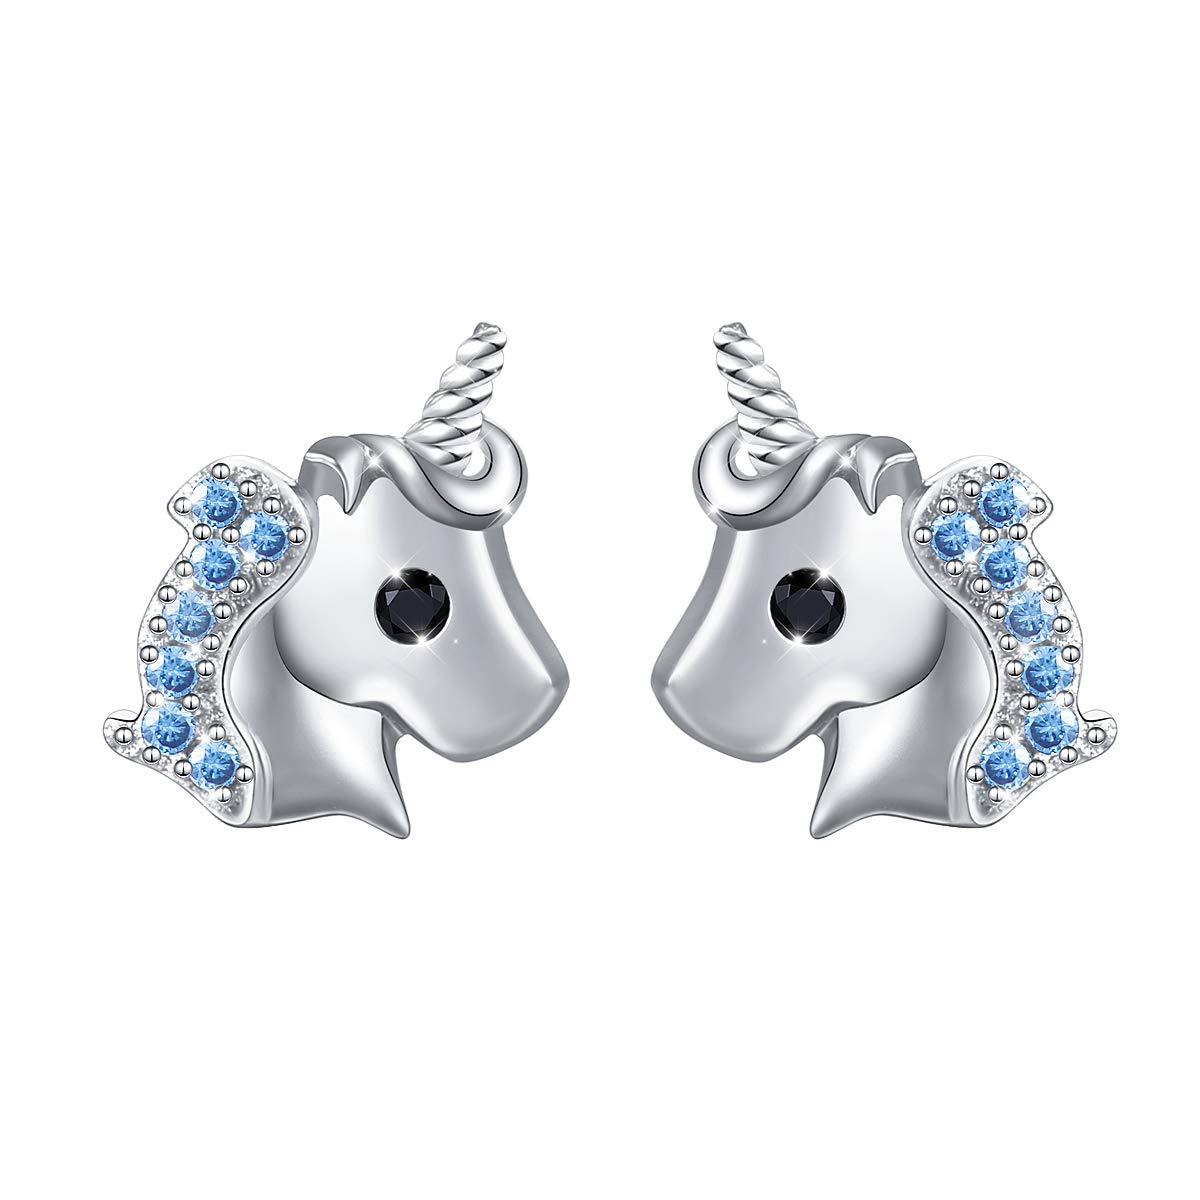 Yearace 925 Sterling Silver Hypoallergenic Cute Cz Unicorn Stud Earrings Jewelry for Women Girls (Nickel Free) LINLIN FINE JEWELRY